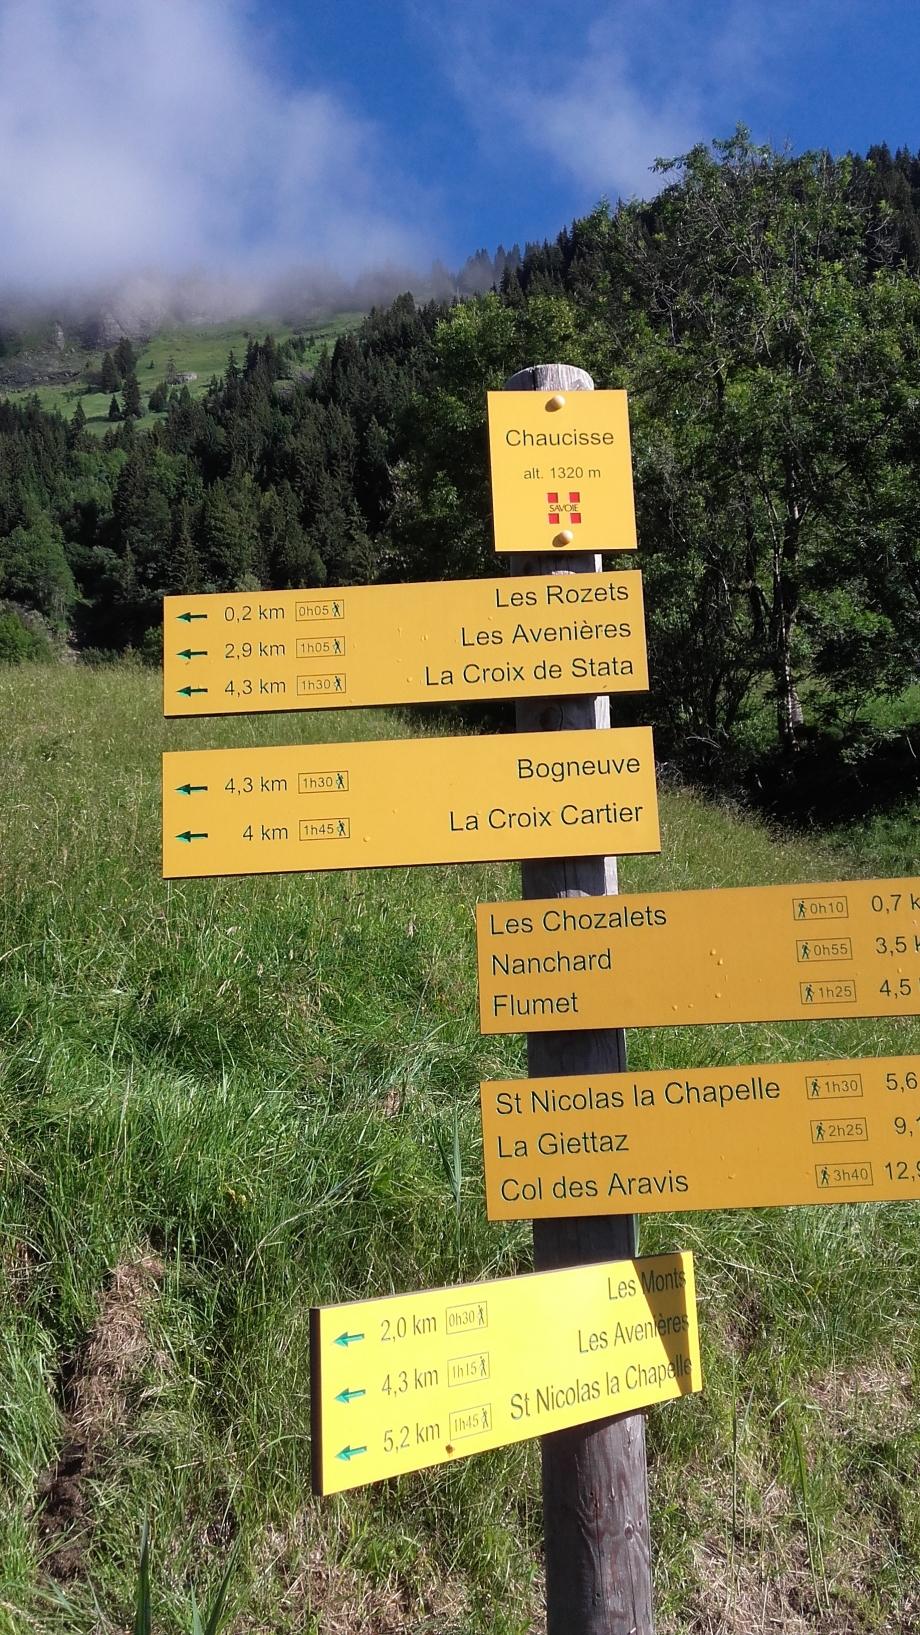 La croix stata et la croix cartier (2).jpg